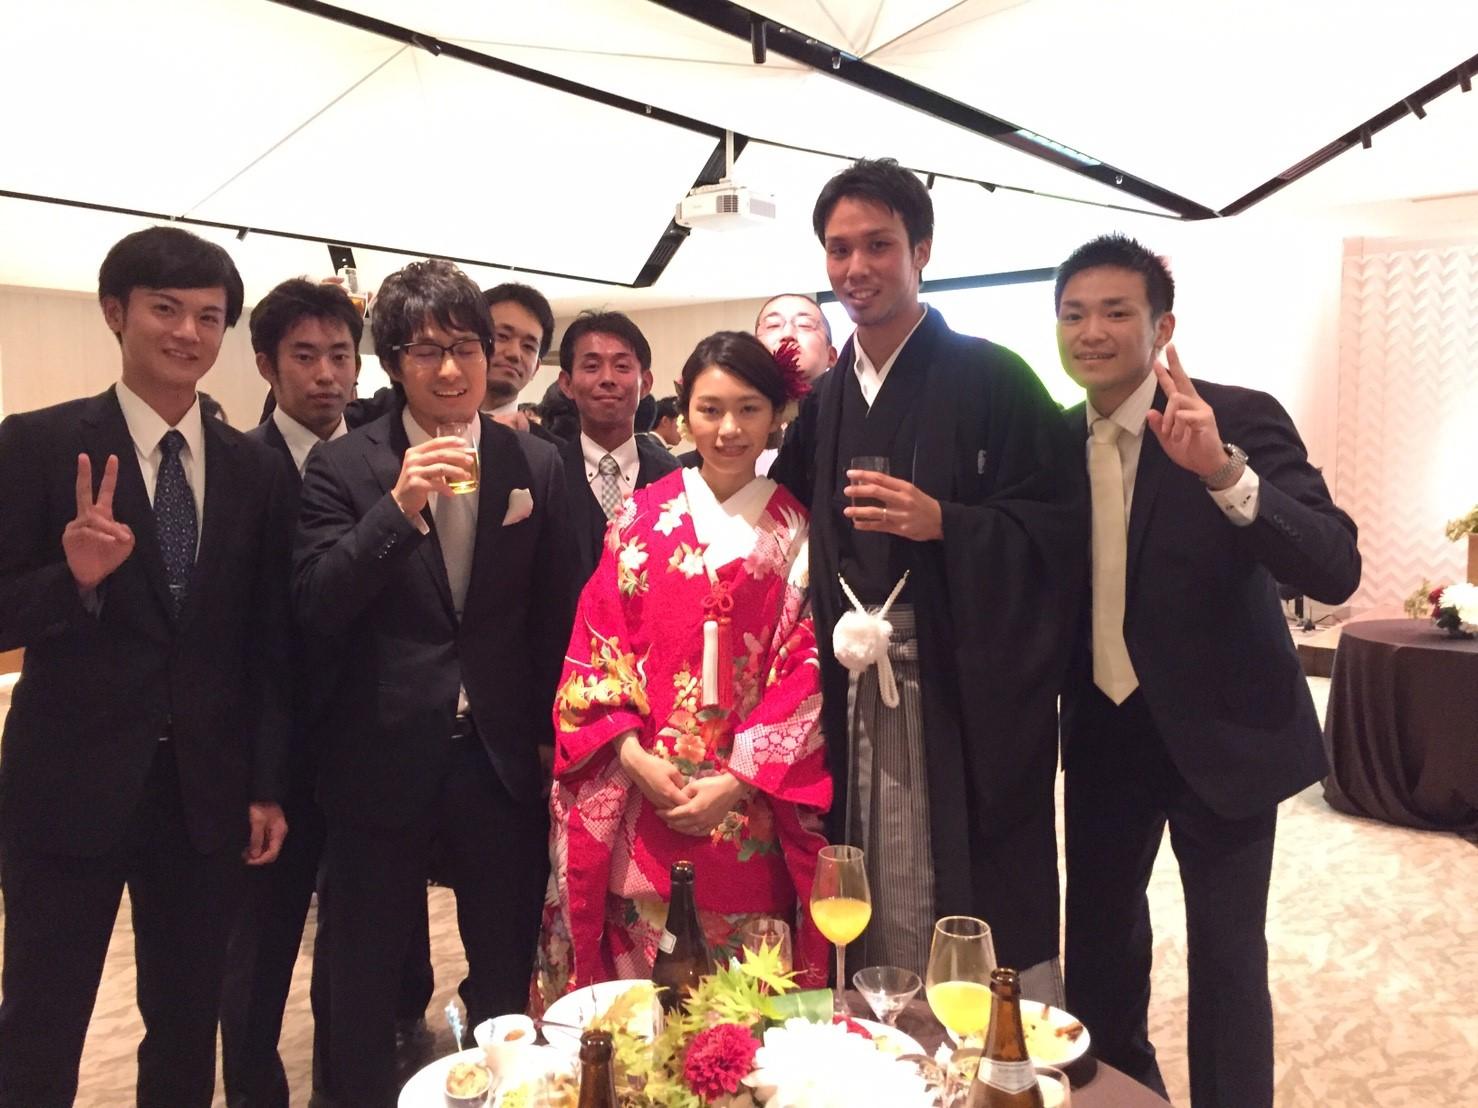 20161023 長岐結婚式_2906二次会